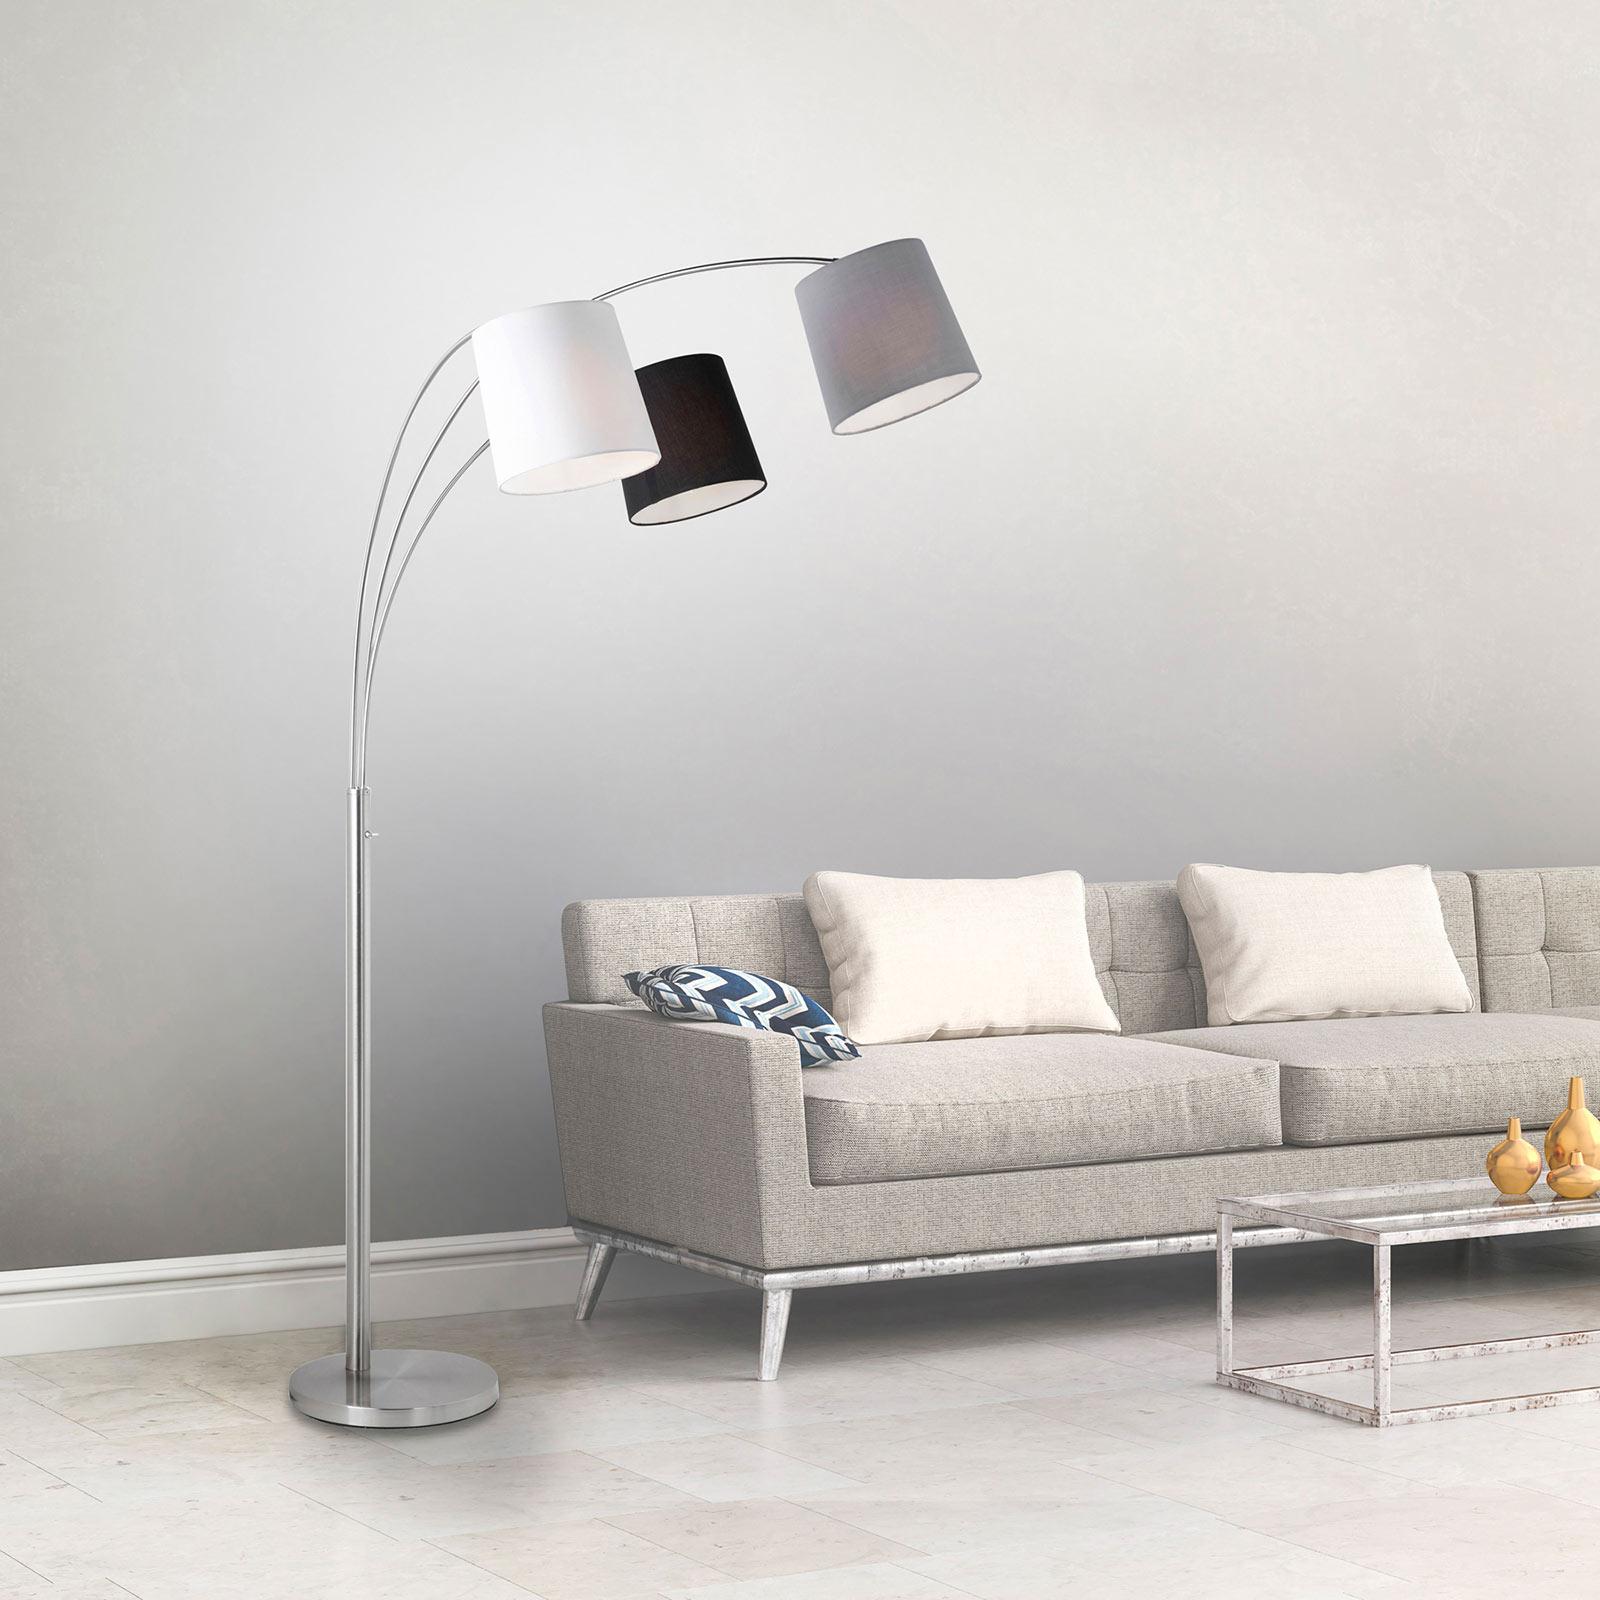 Melvin standerlampe, 3 lyskilder, sort/grå/hvid